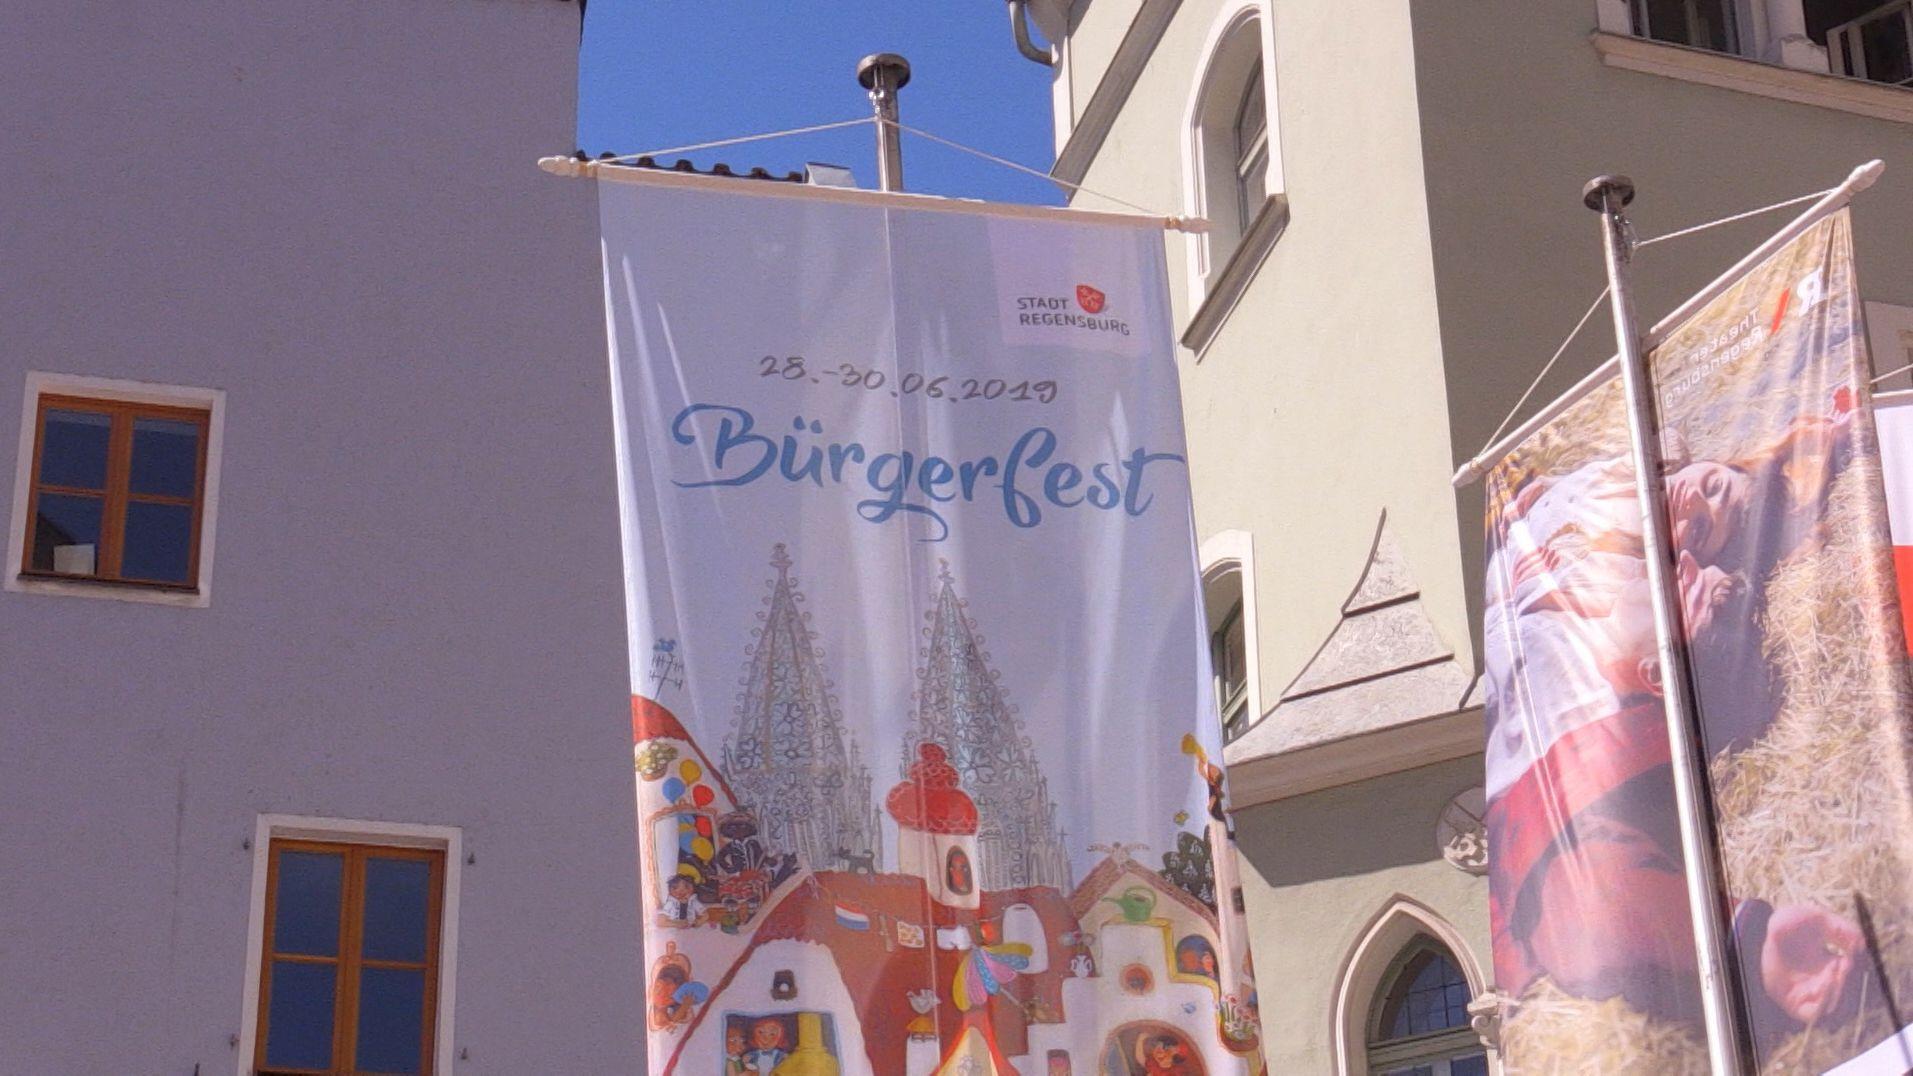 Fahne zum Bürgerfest in Regensburg weht an einem Haus